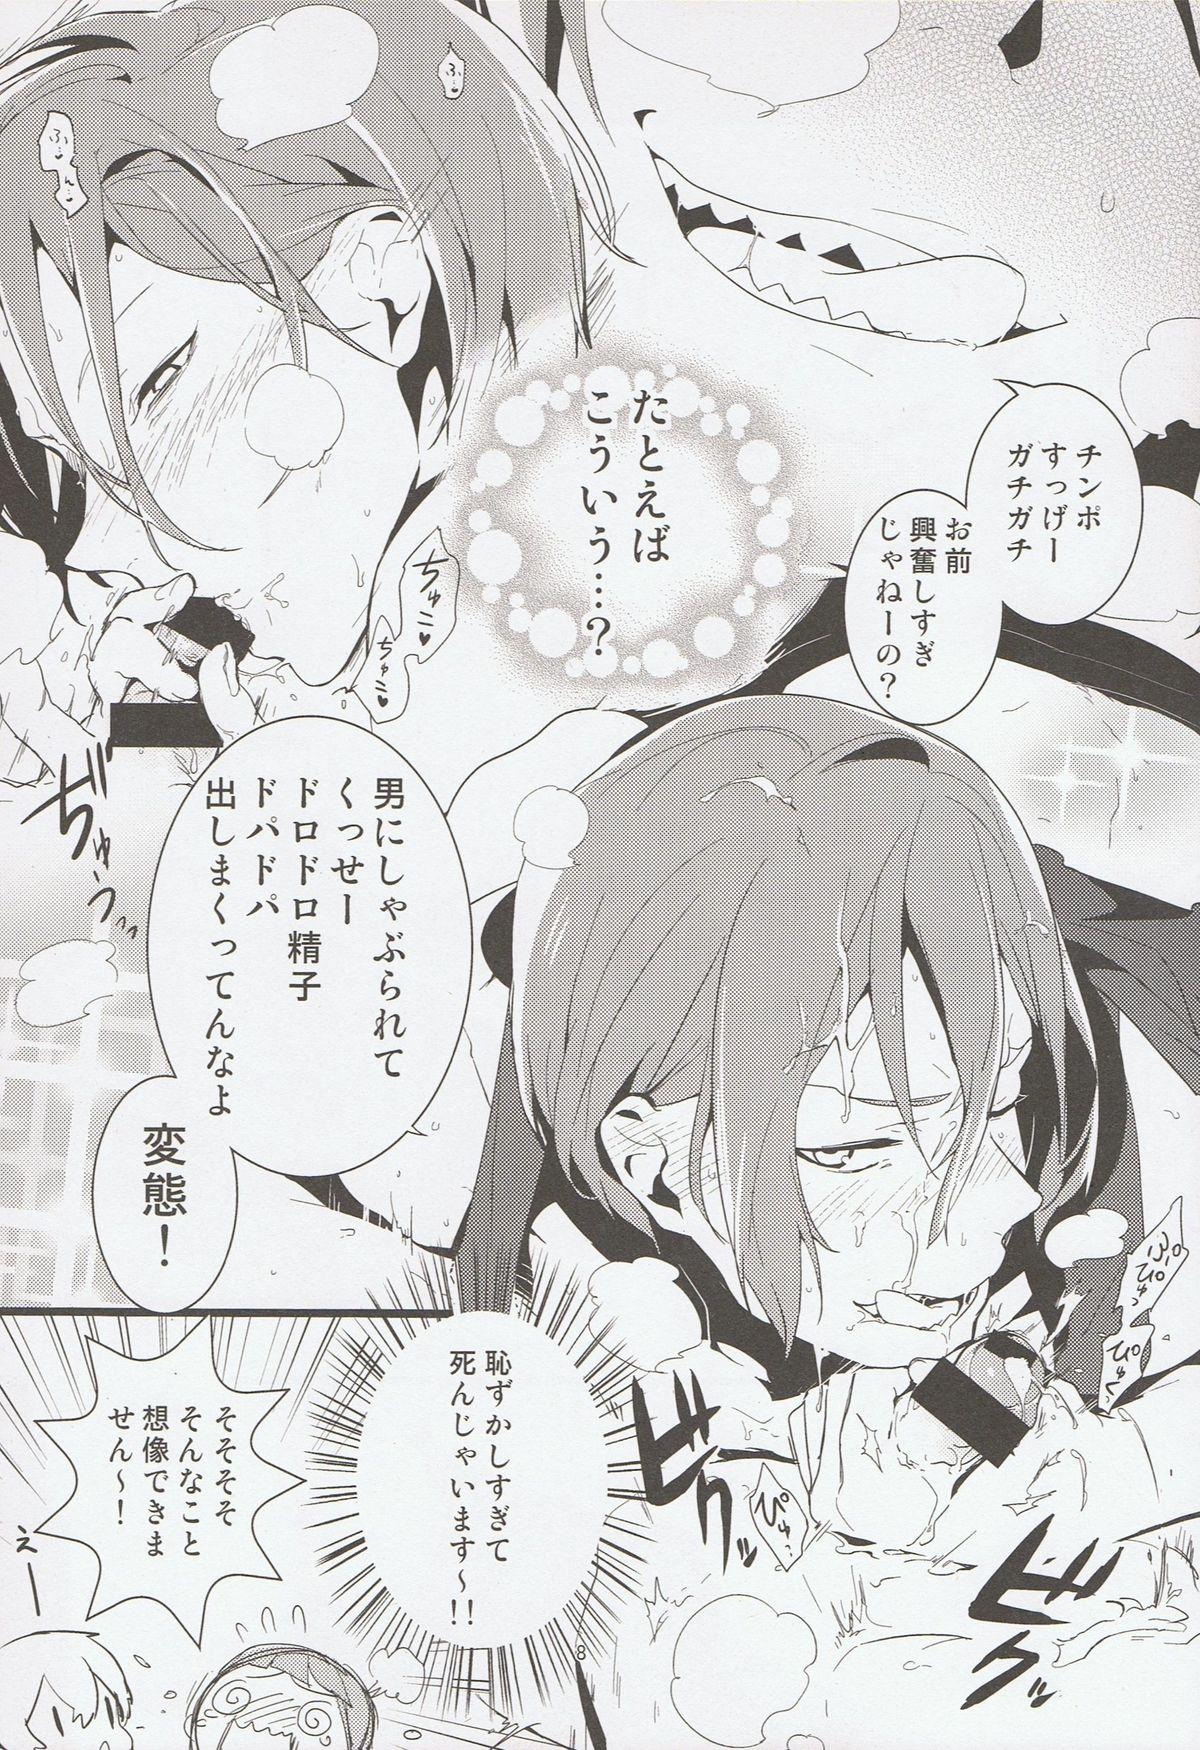 (C86) [MERYx3 (Numeri)] Nagisa-kun to Nitori-kun wo Muriyari Karamaseta Hon (Free!) 6